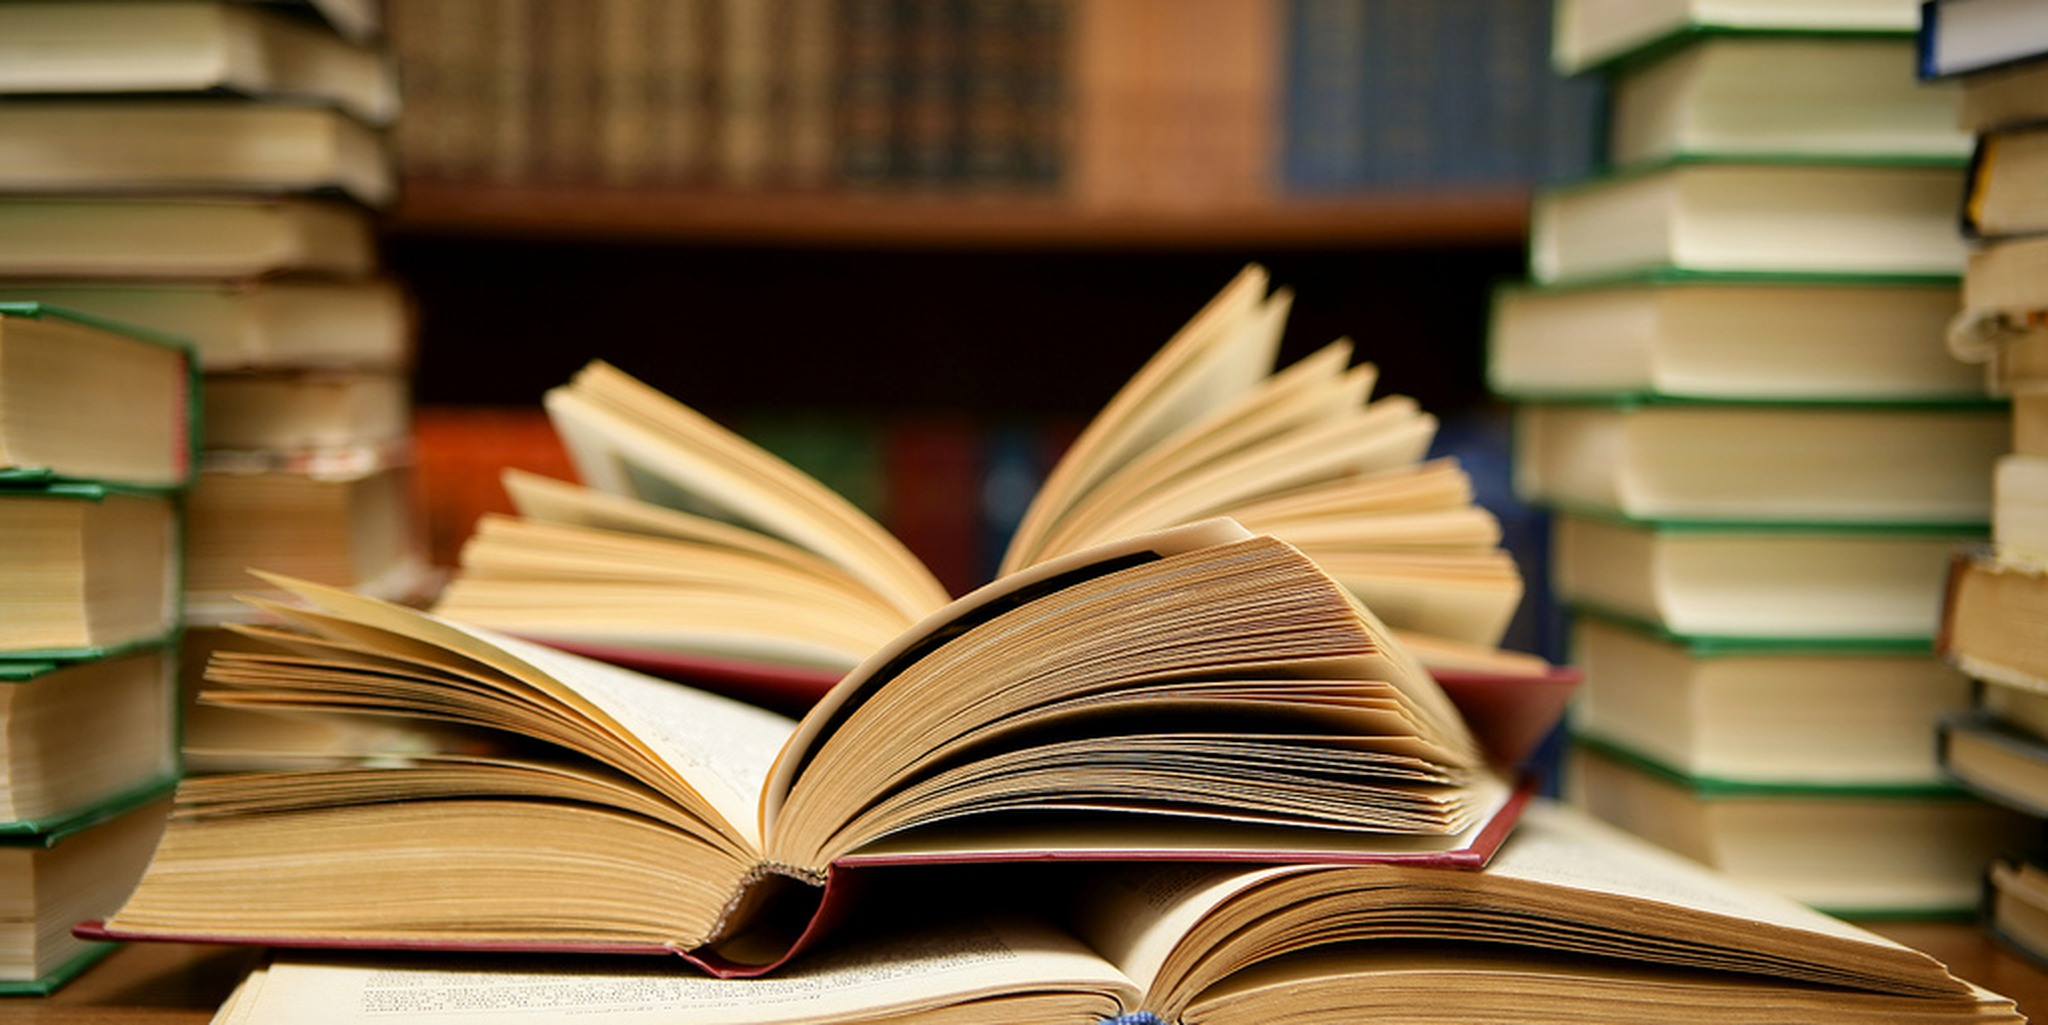 E- Book อีกหนึ่งสื่อการเรียนรู้ในโลกออนไลน์